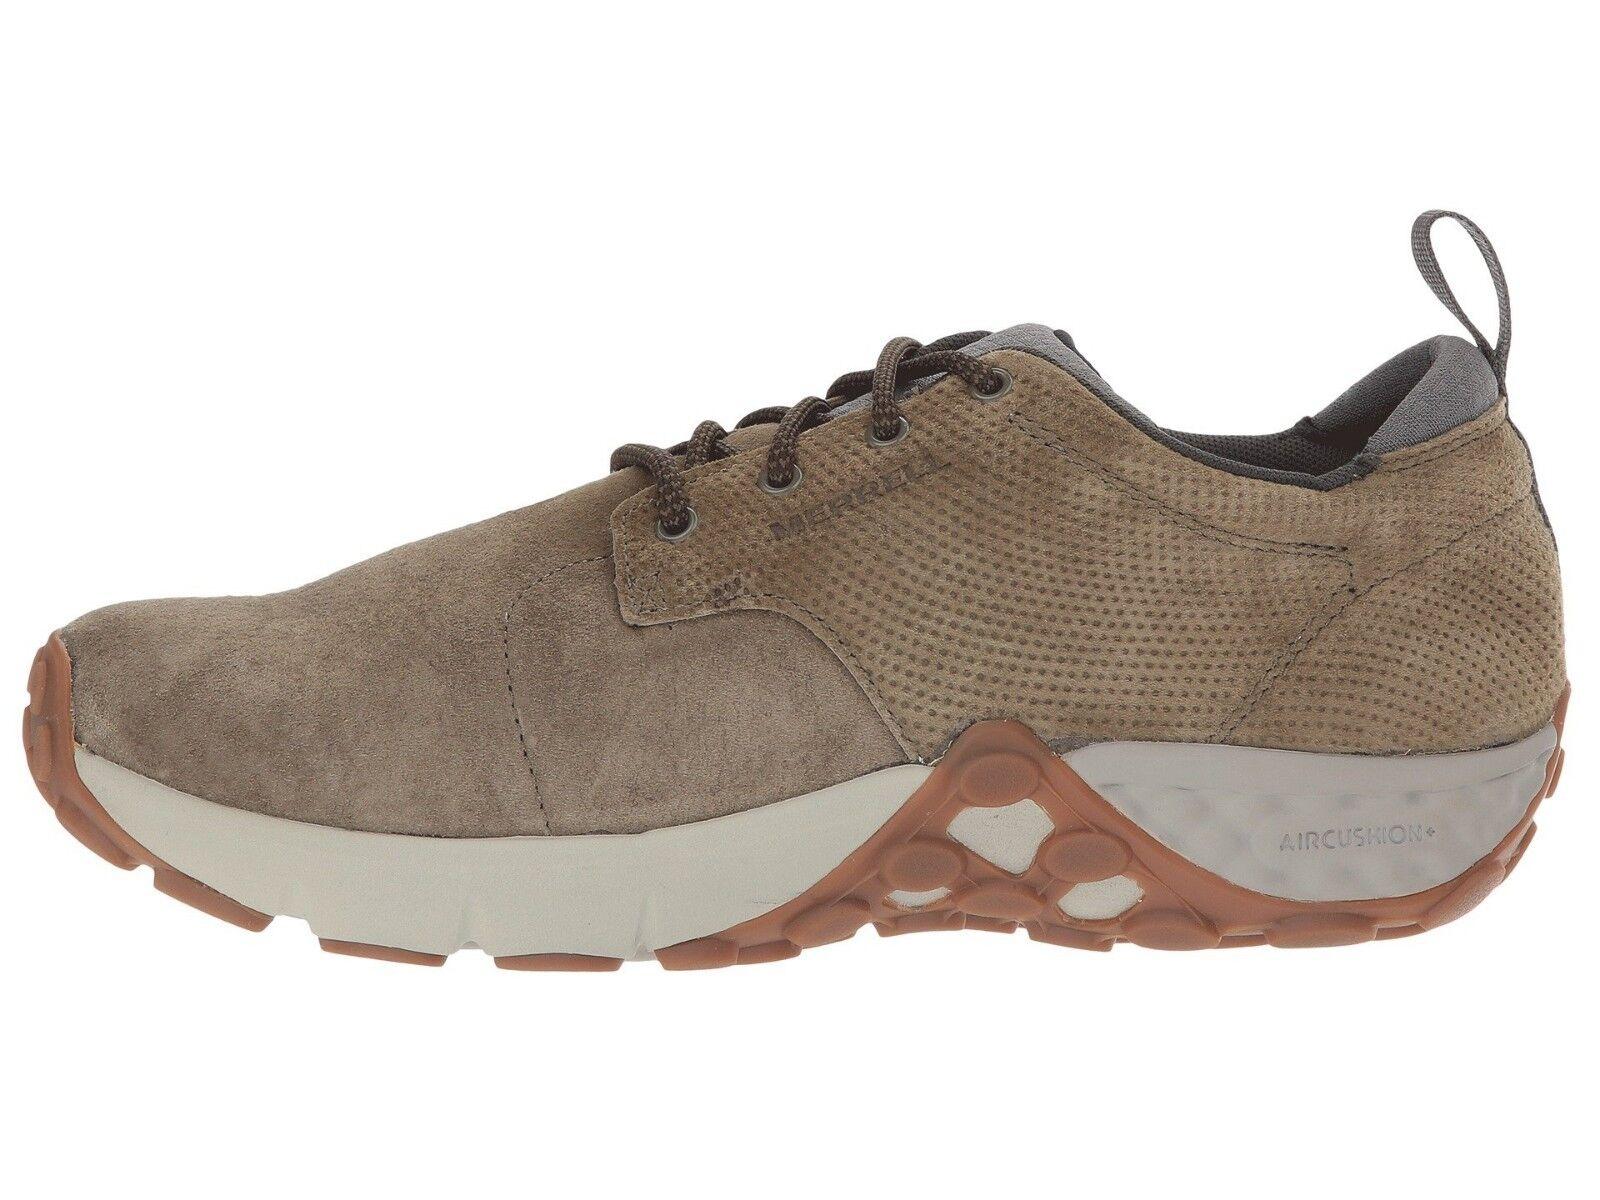 Neu Herren Merrell Dschungel Spitze Ac + Sneaker Schuhe Sz 11.5 9 10 10.5 11 11.5 Sz 12 3cf58c